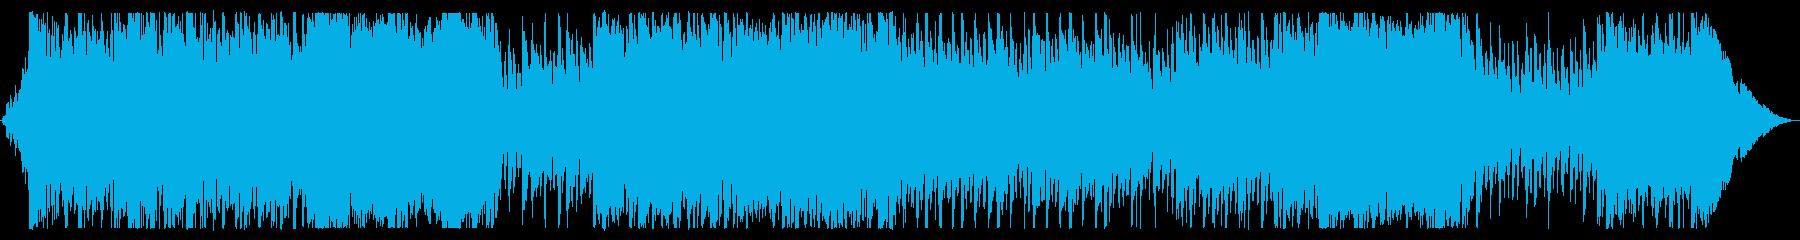 オープニングや始まりを感じさせるオケ曲の再生済みの波形